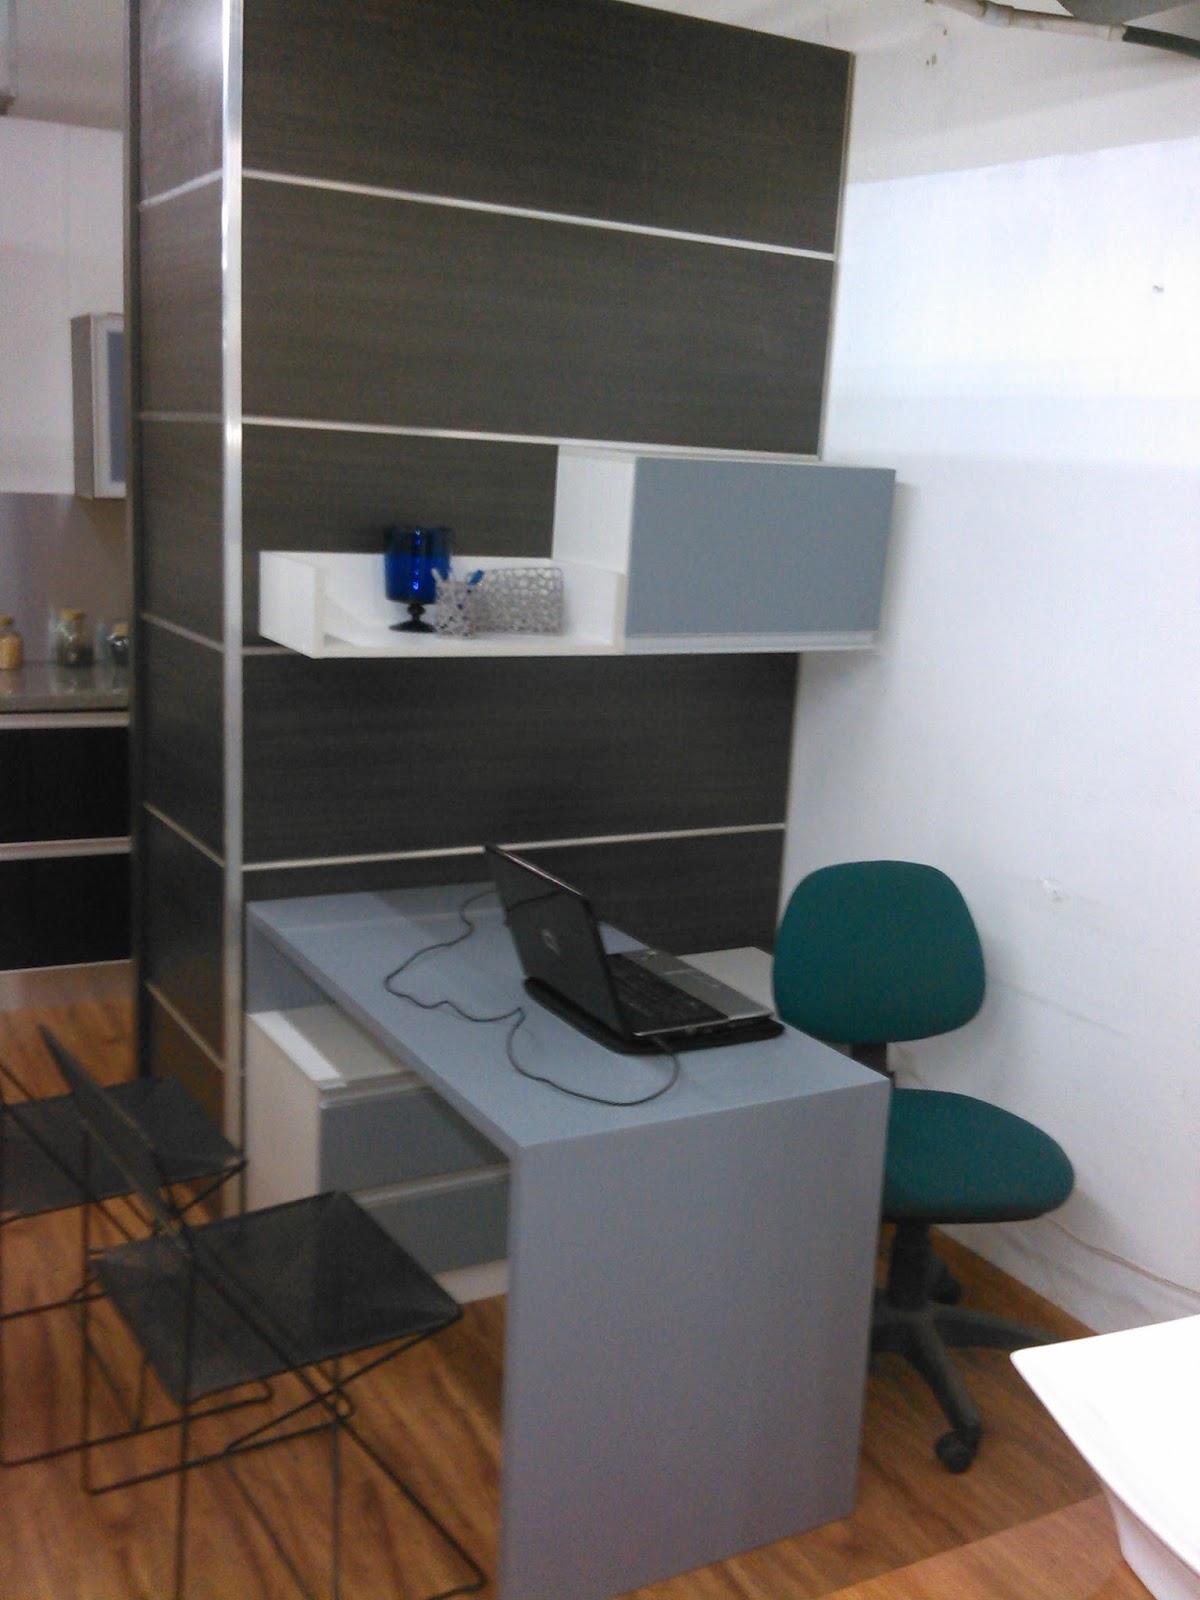 Imagenes De Muebles De Oficina # Muebles Modulares Para Oficina